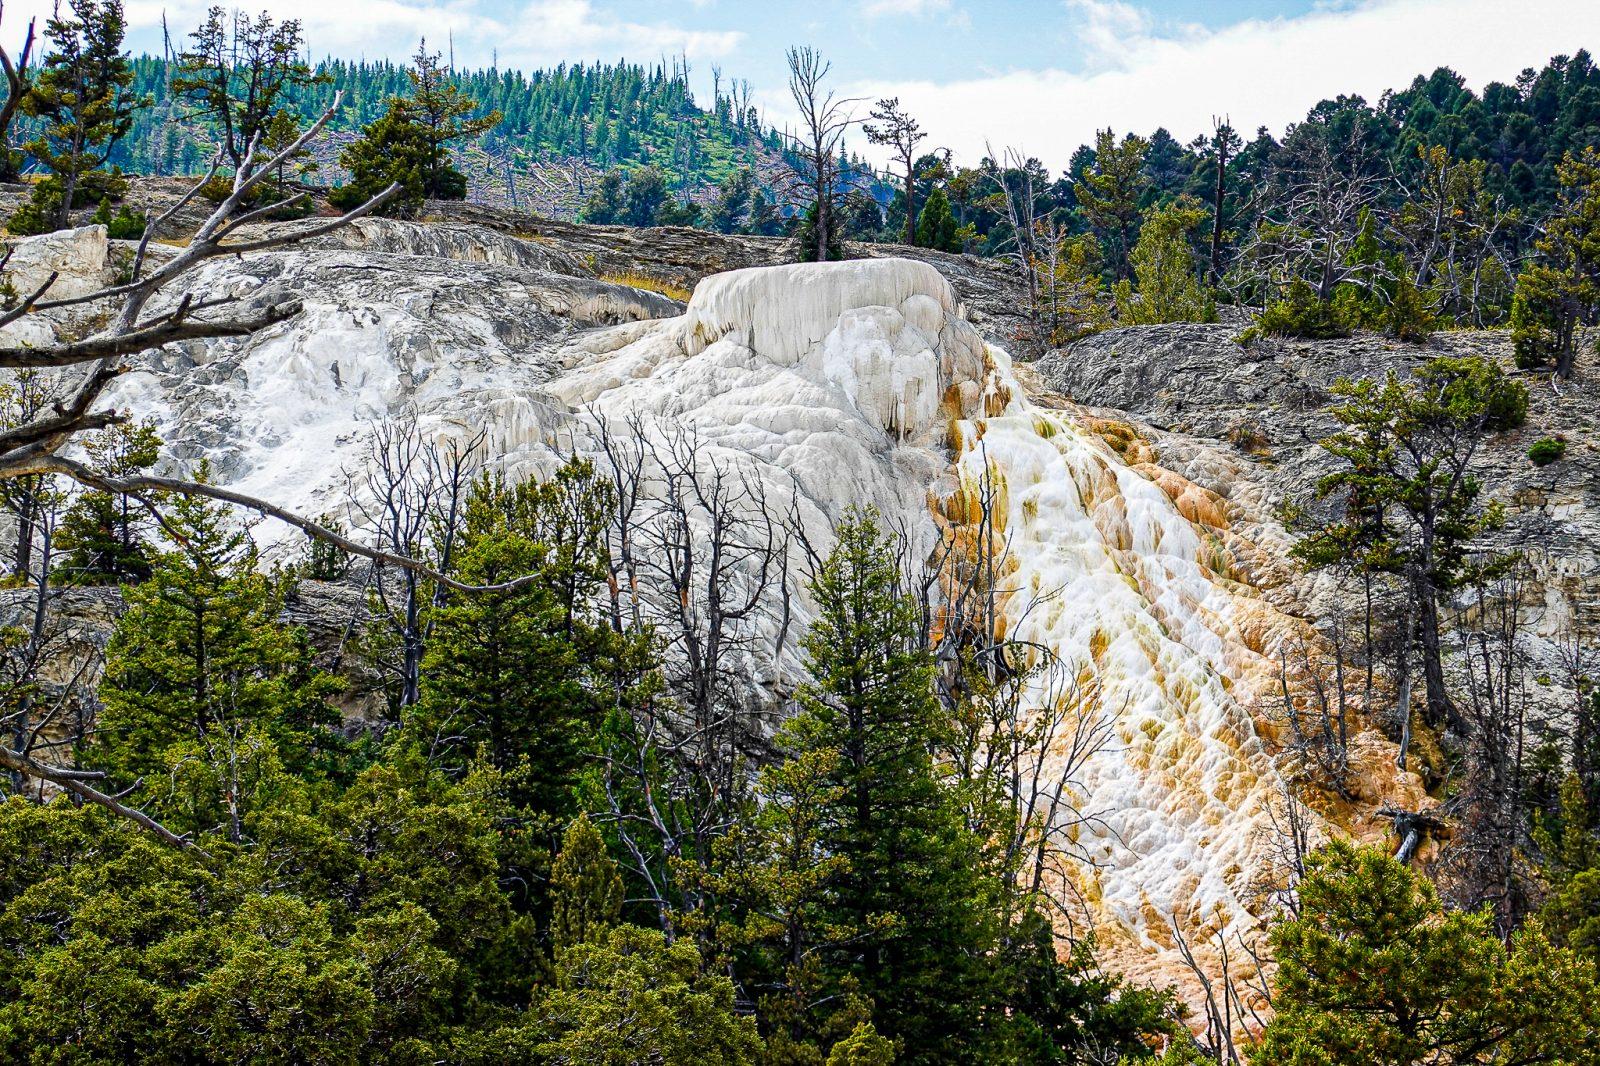 mamut i yellowstone